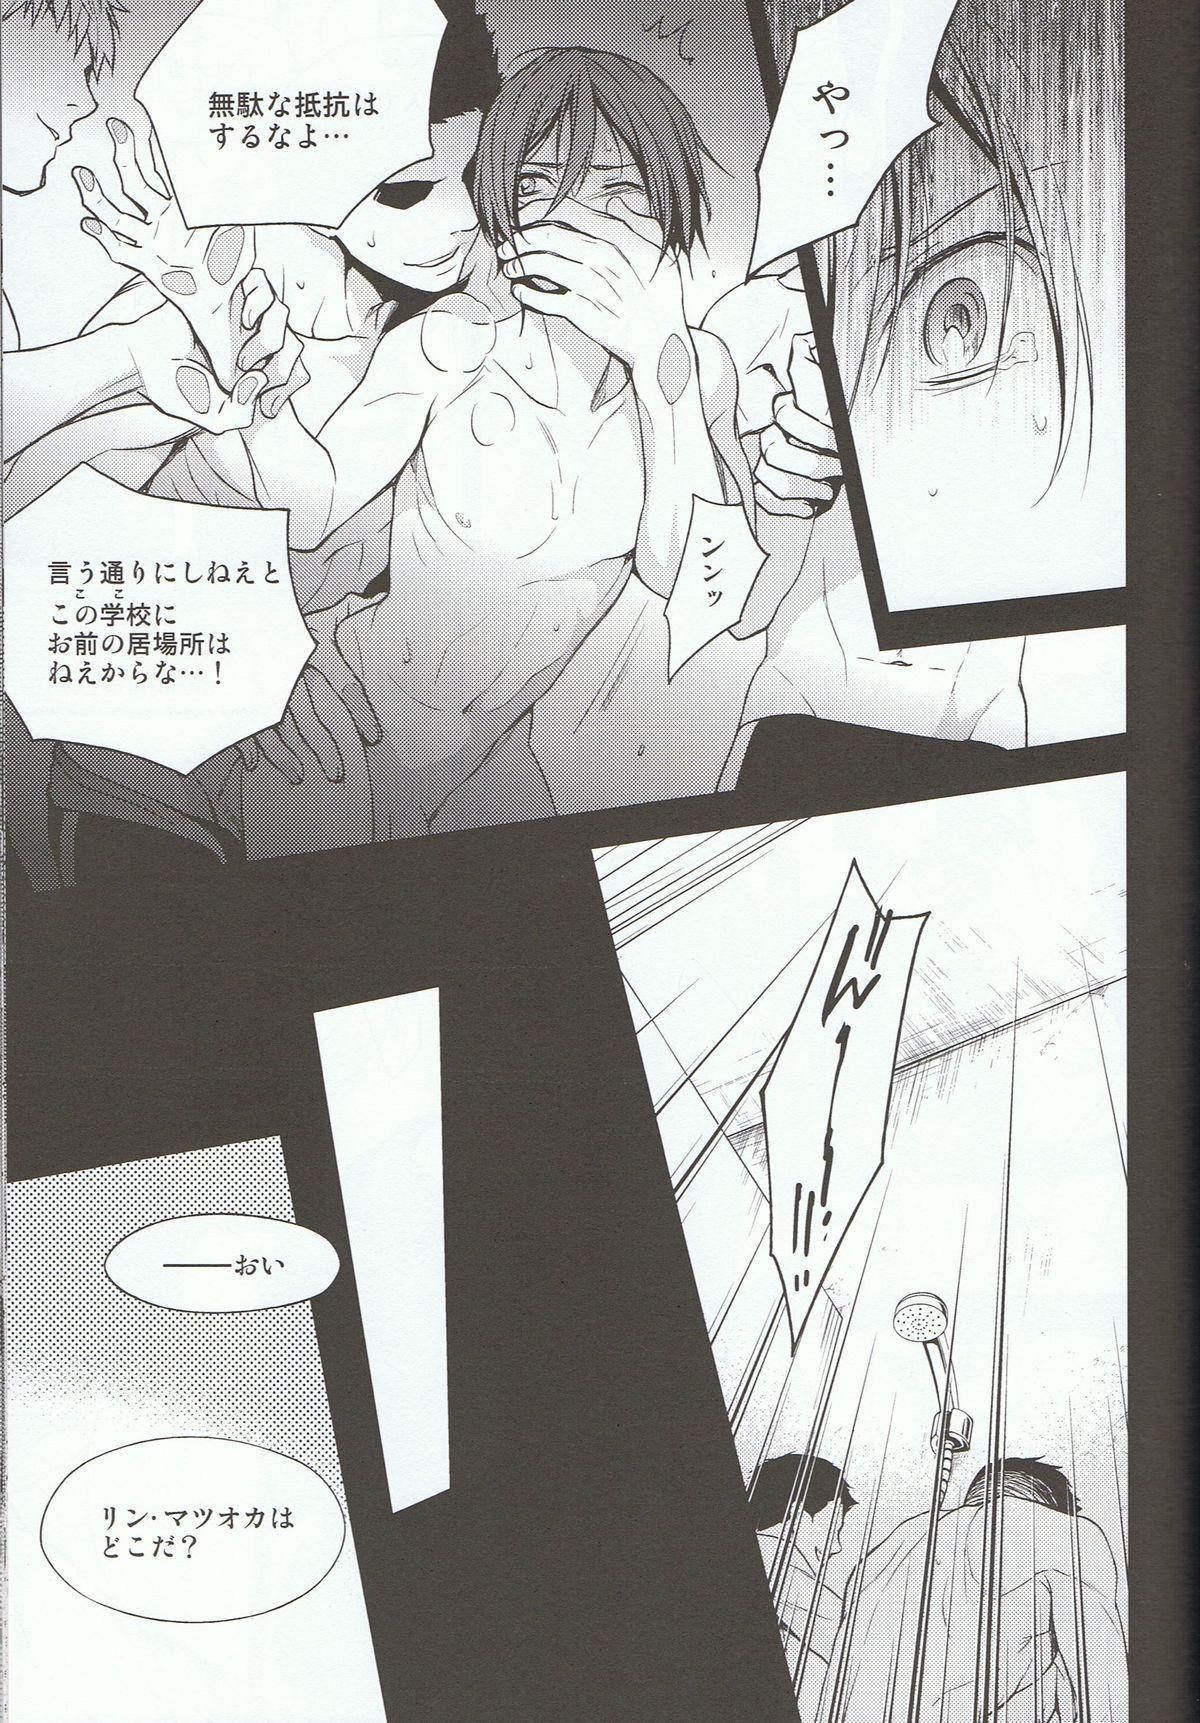 Nitori-kun no Mousou Nikki 7